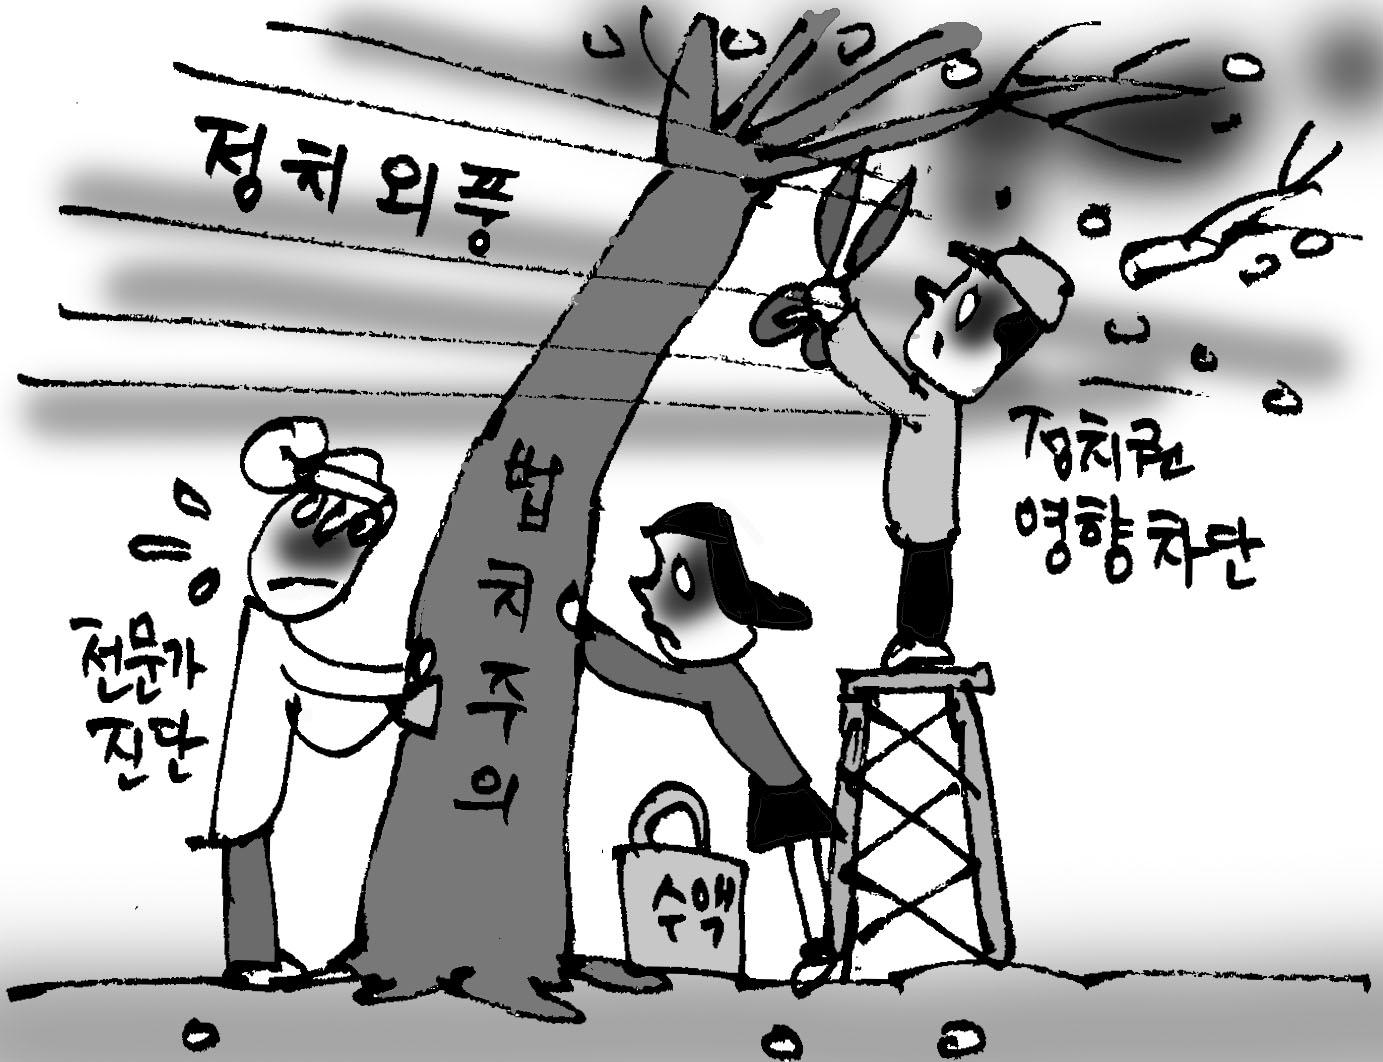 법조 명사에게 듣는다 ① 허영 경희대 석좌교수